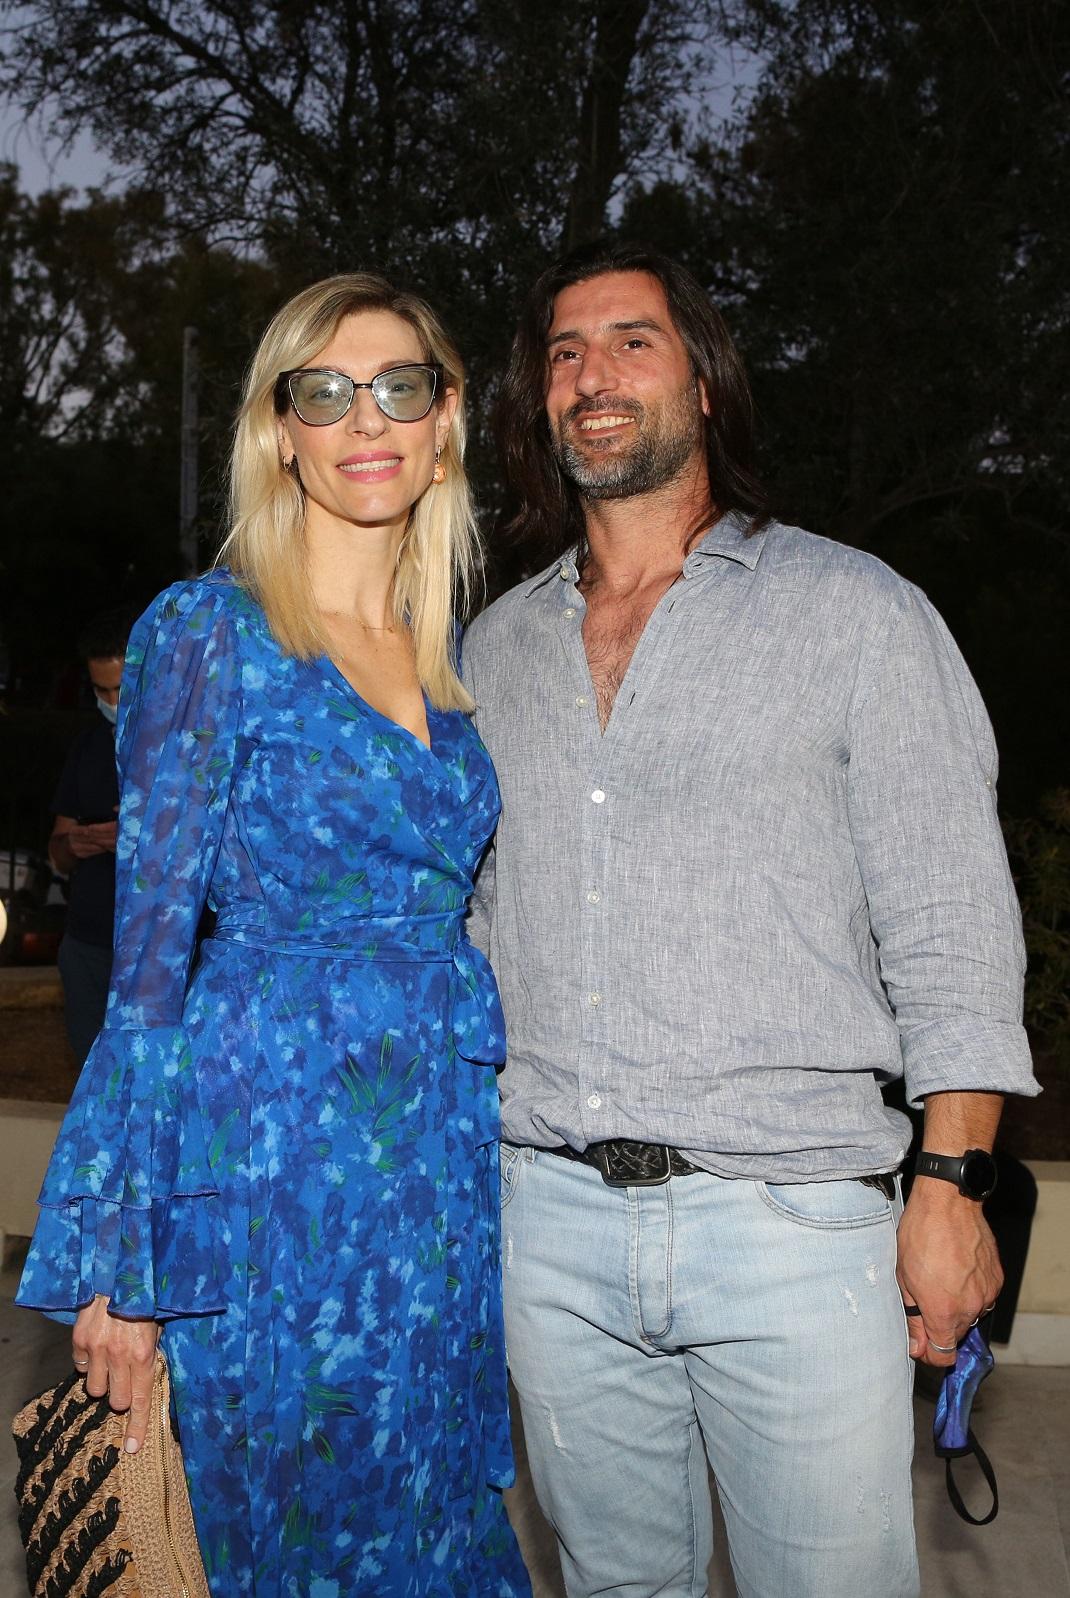 Η Ζέτα Δούκα με τον σύζυγό της, Μιχάλη Χατζαντωνά